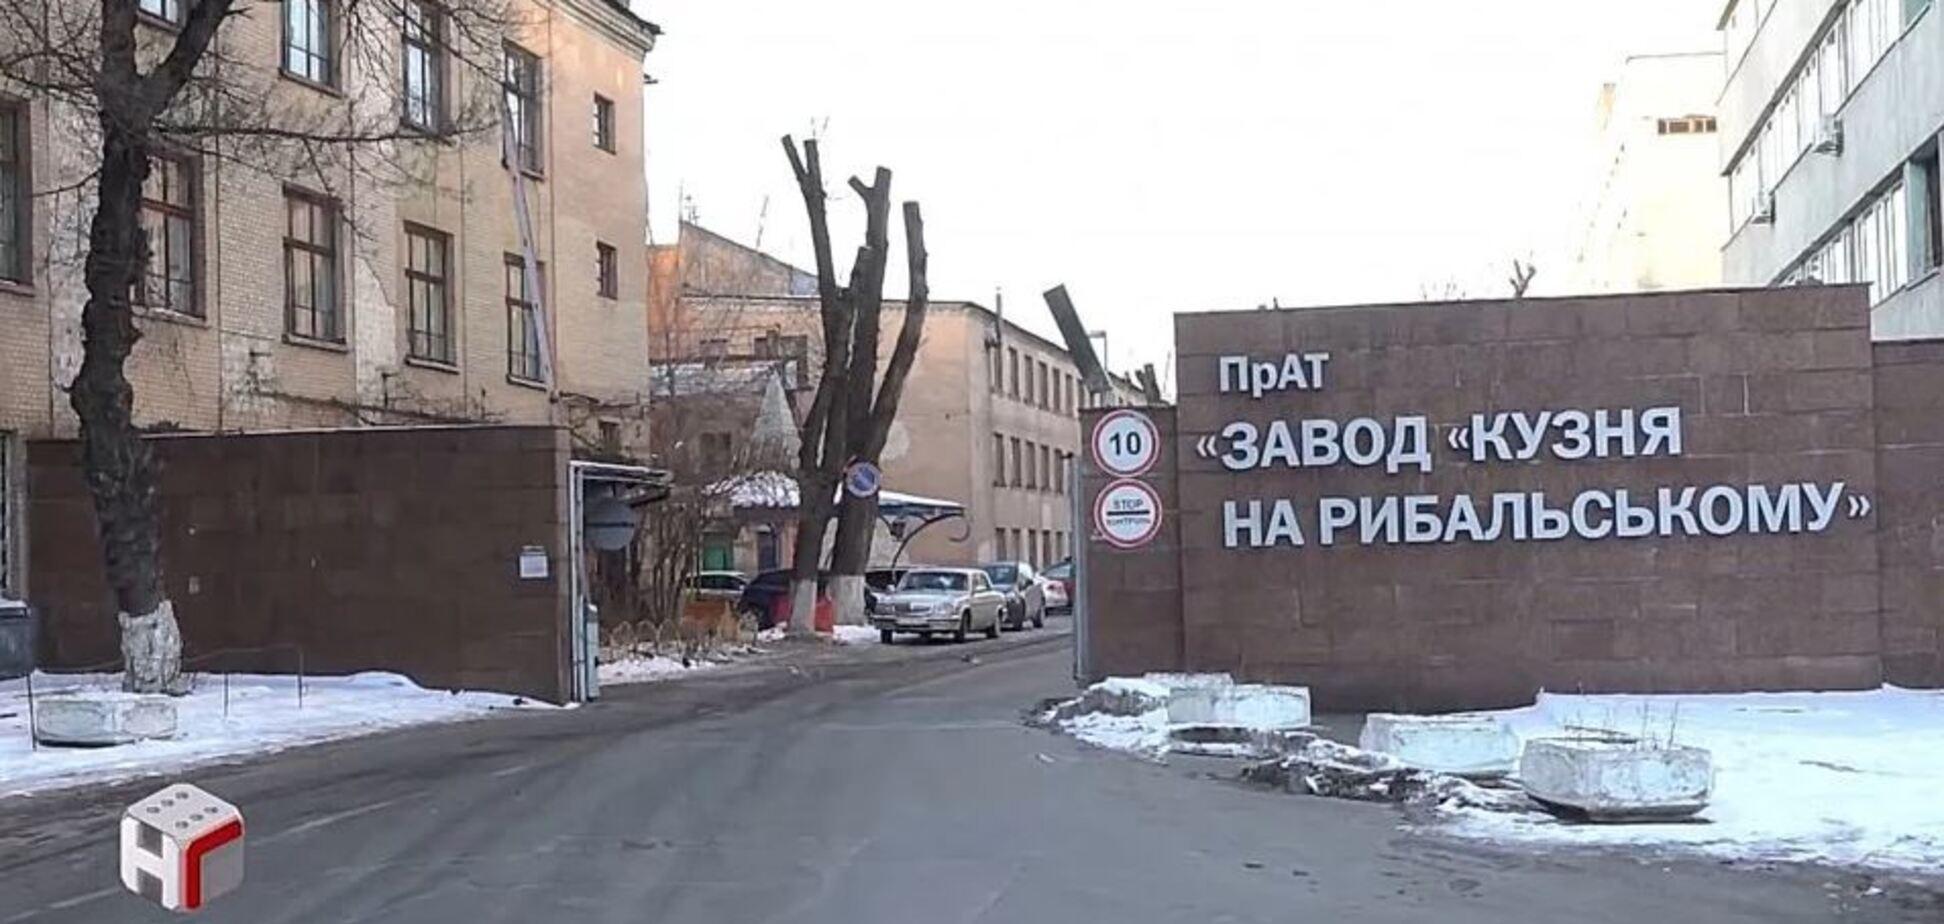 Порошенко продав ''Кузню на Рибальському'' Тігіпку: деталі угоди